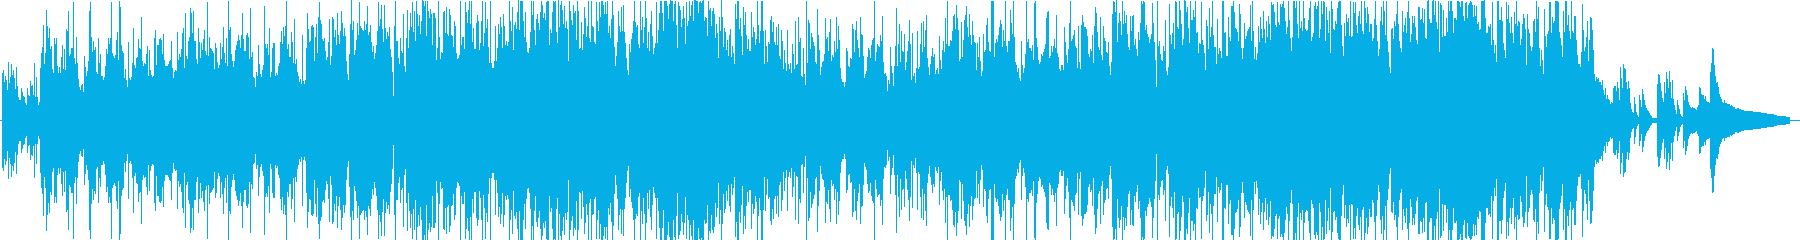 【生演奏】バイオリンで奏でる優しい曲の再生済みの波形